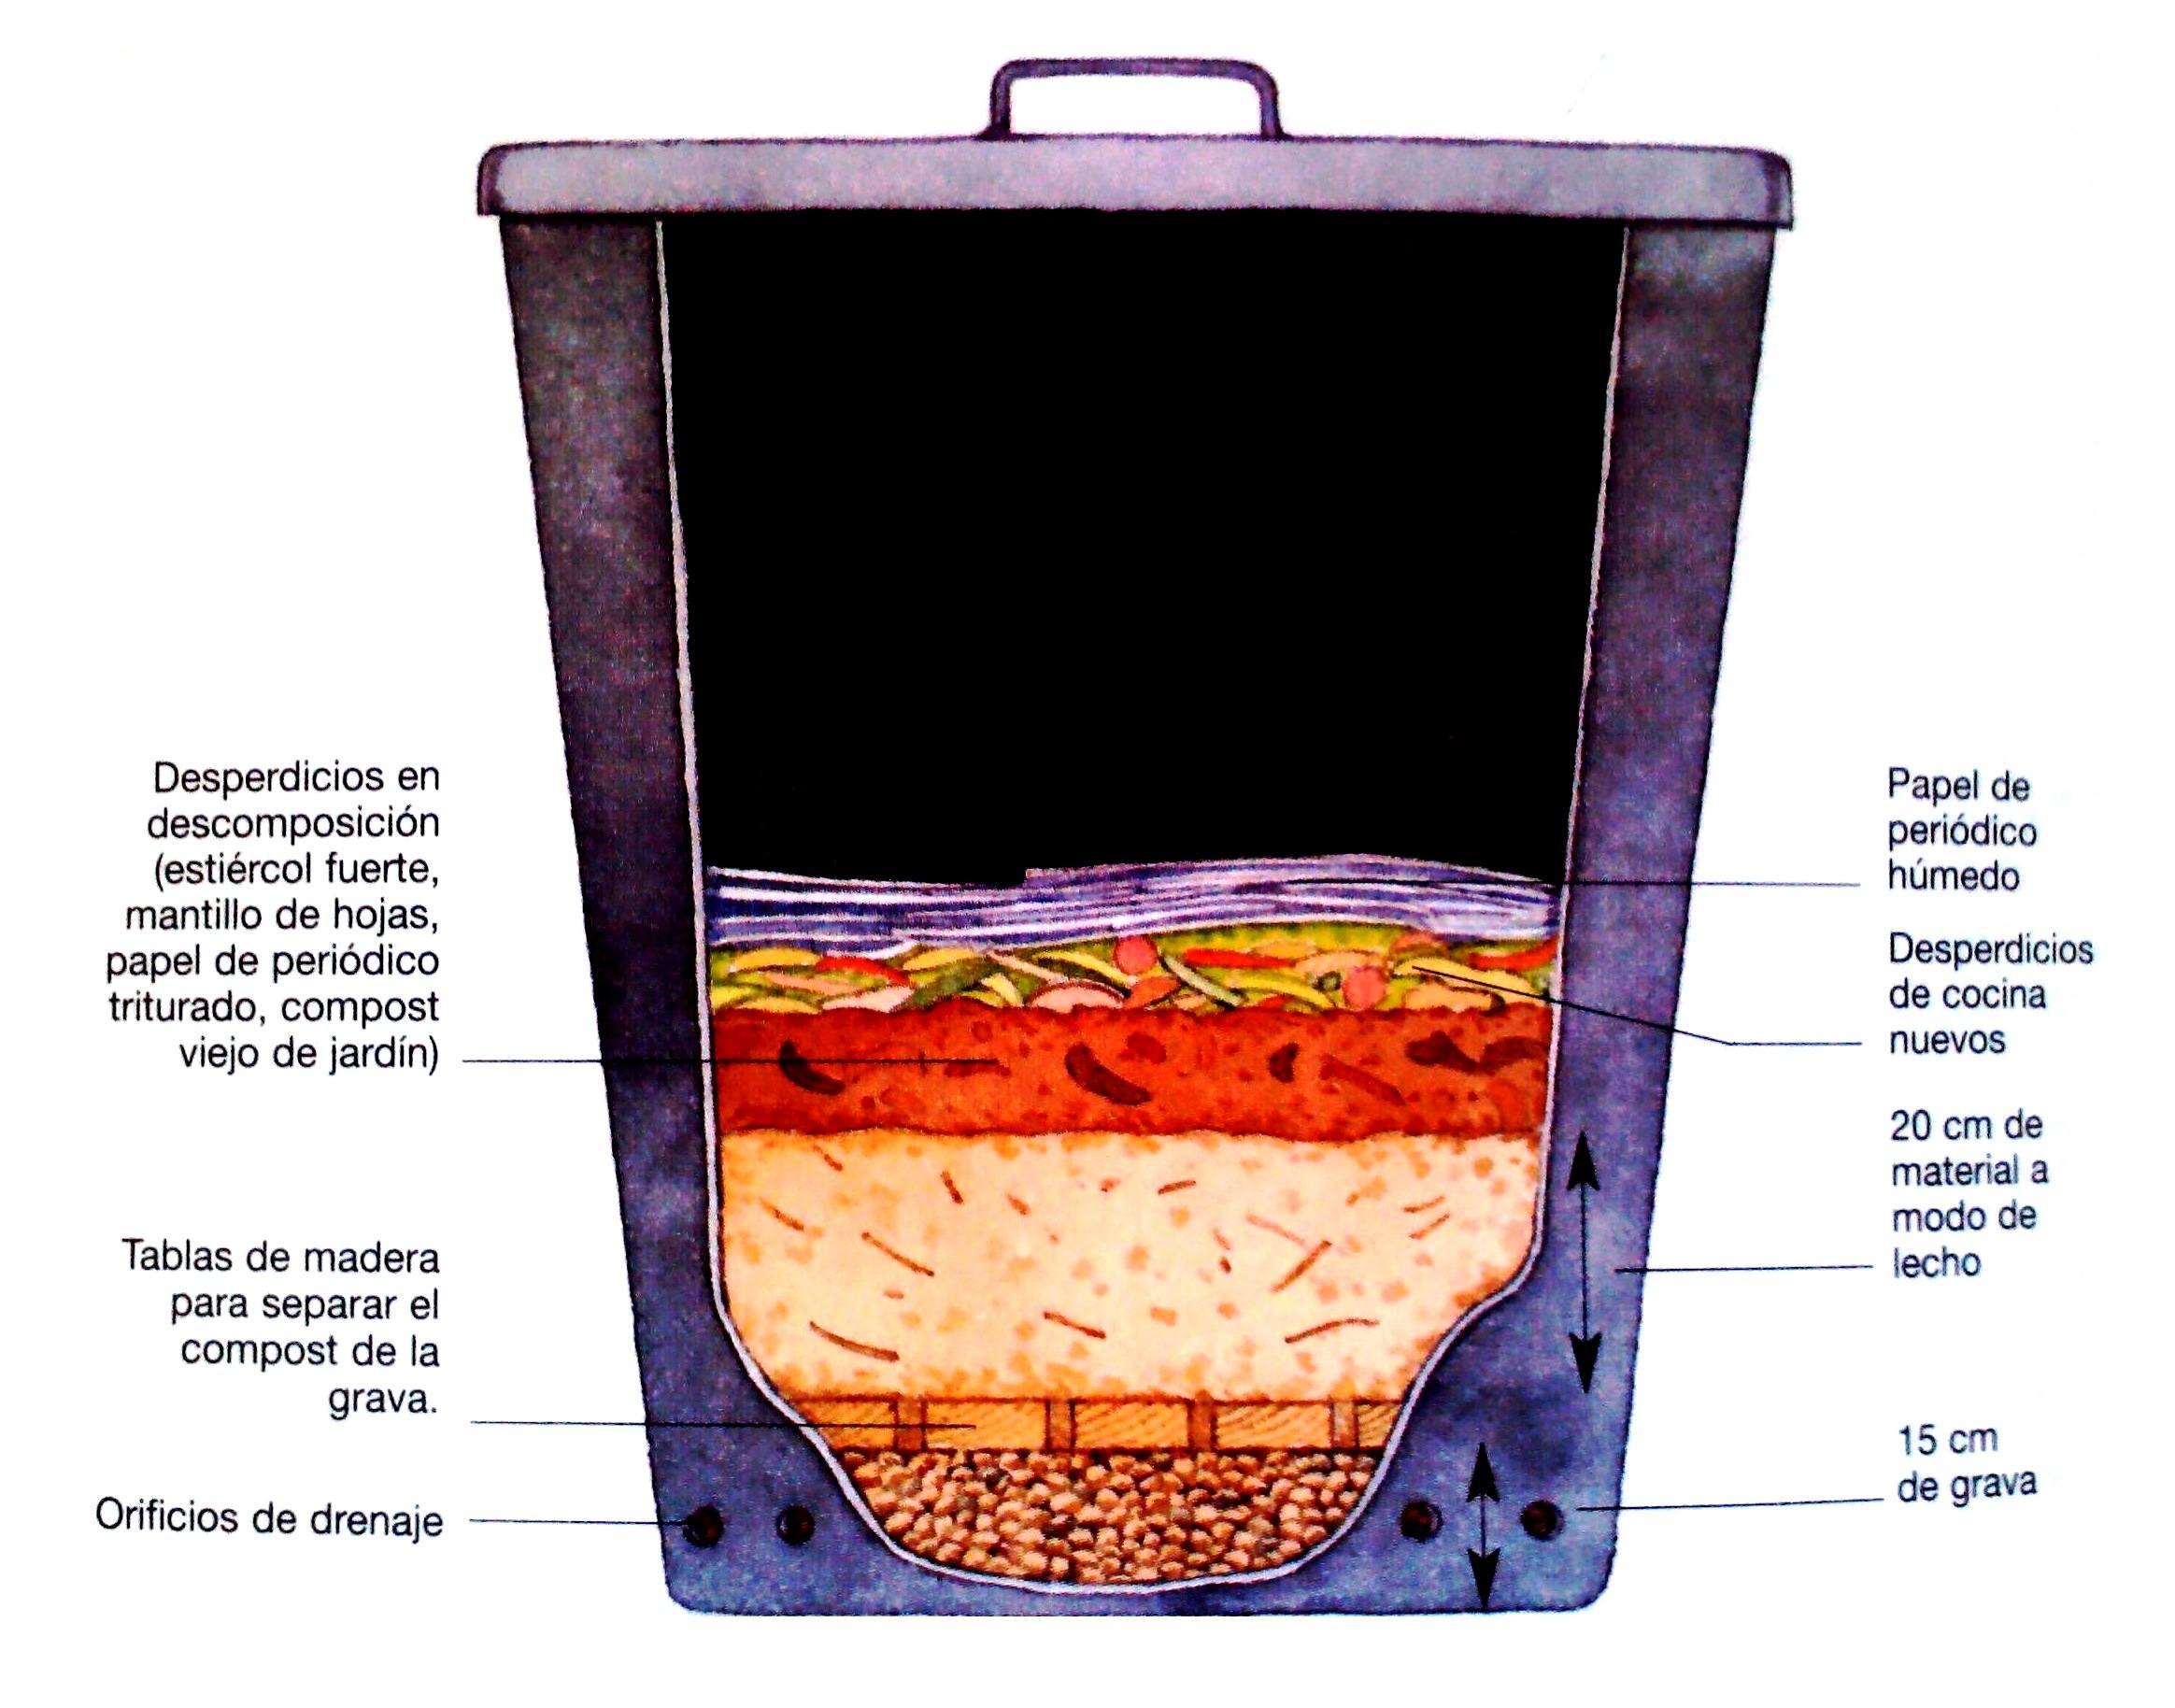 Que parásitos habitan en el intestino